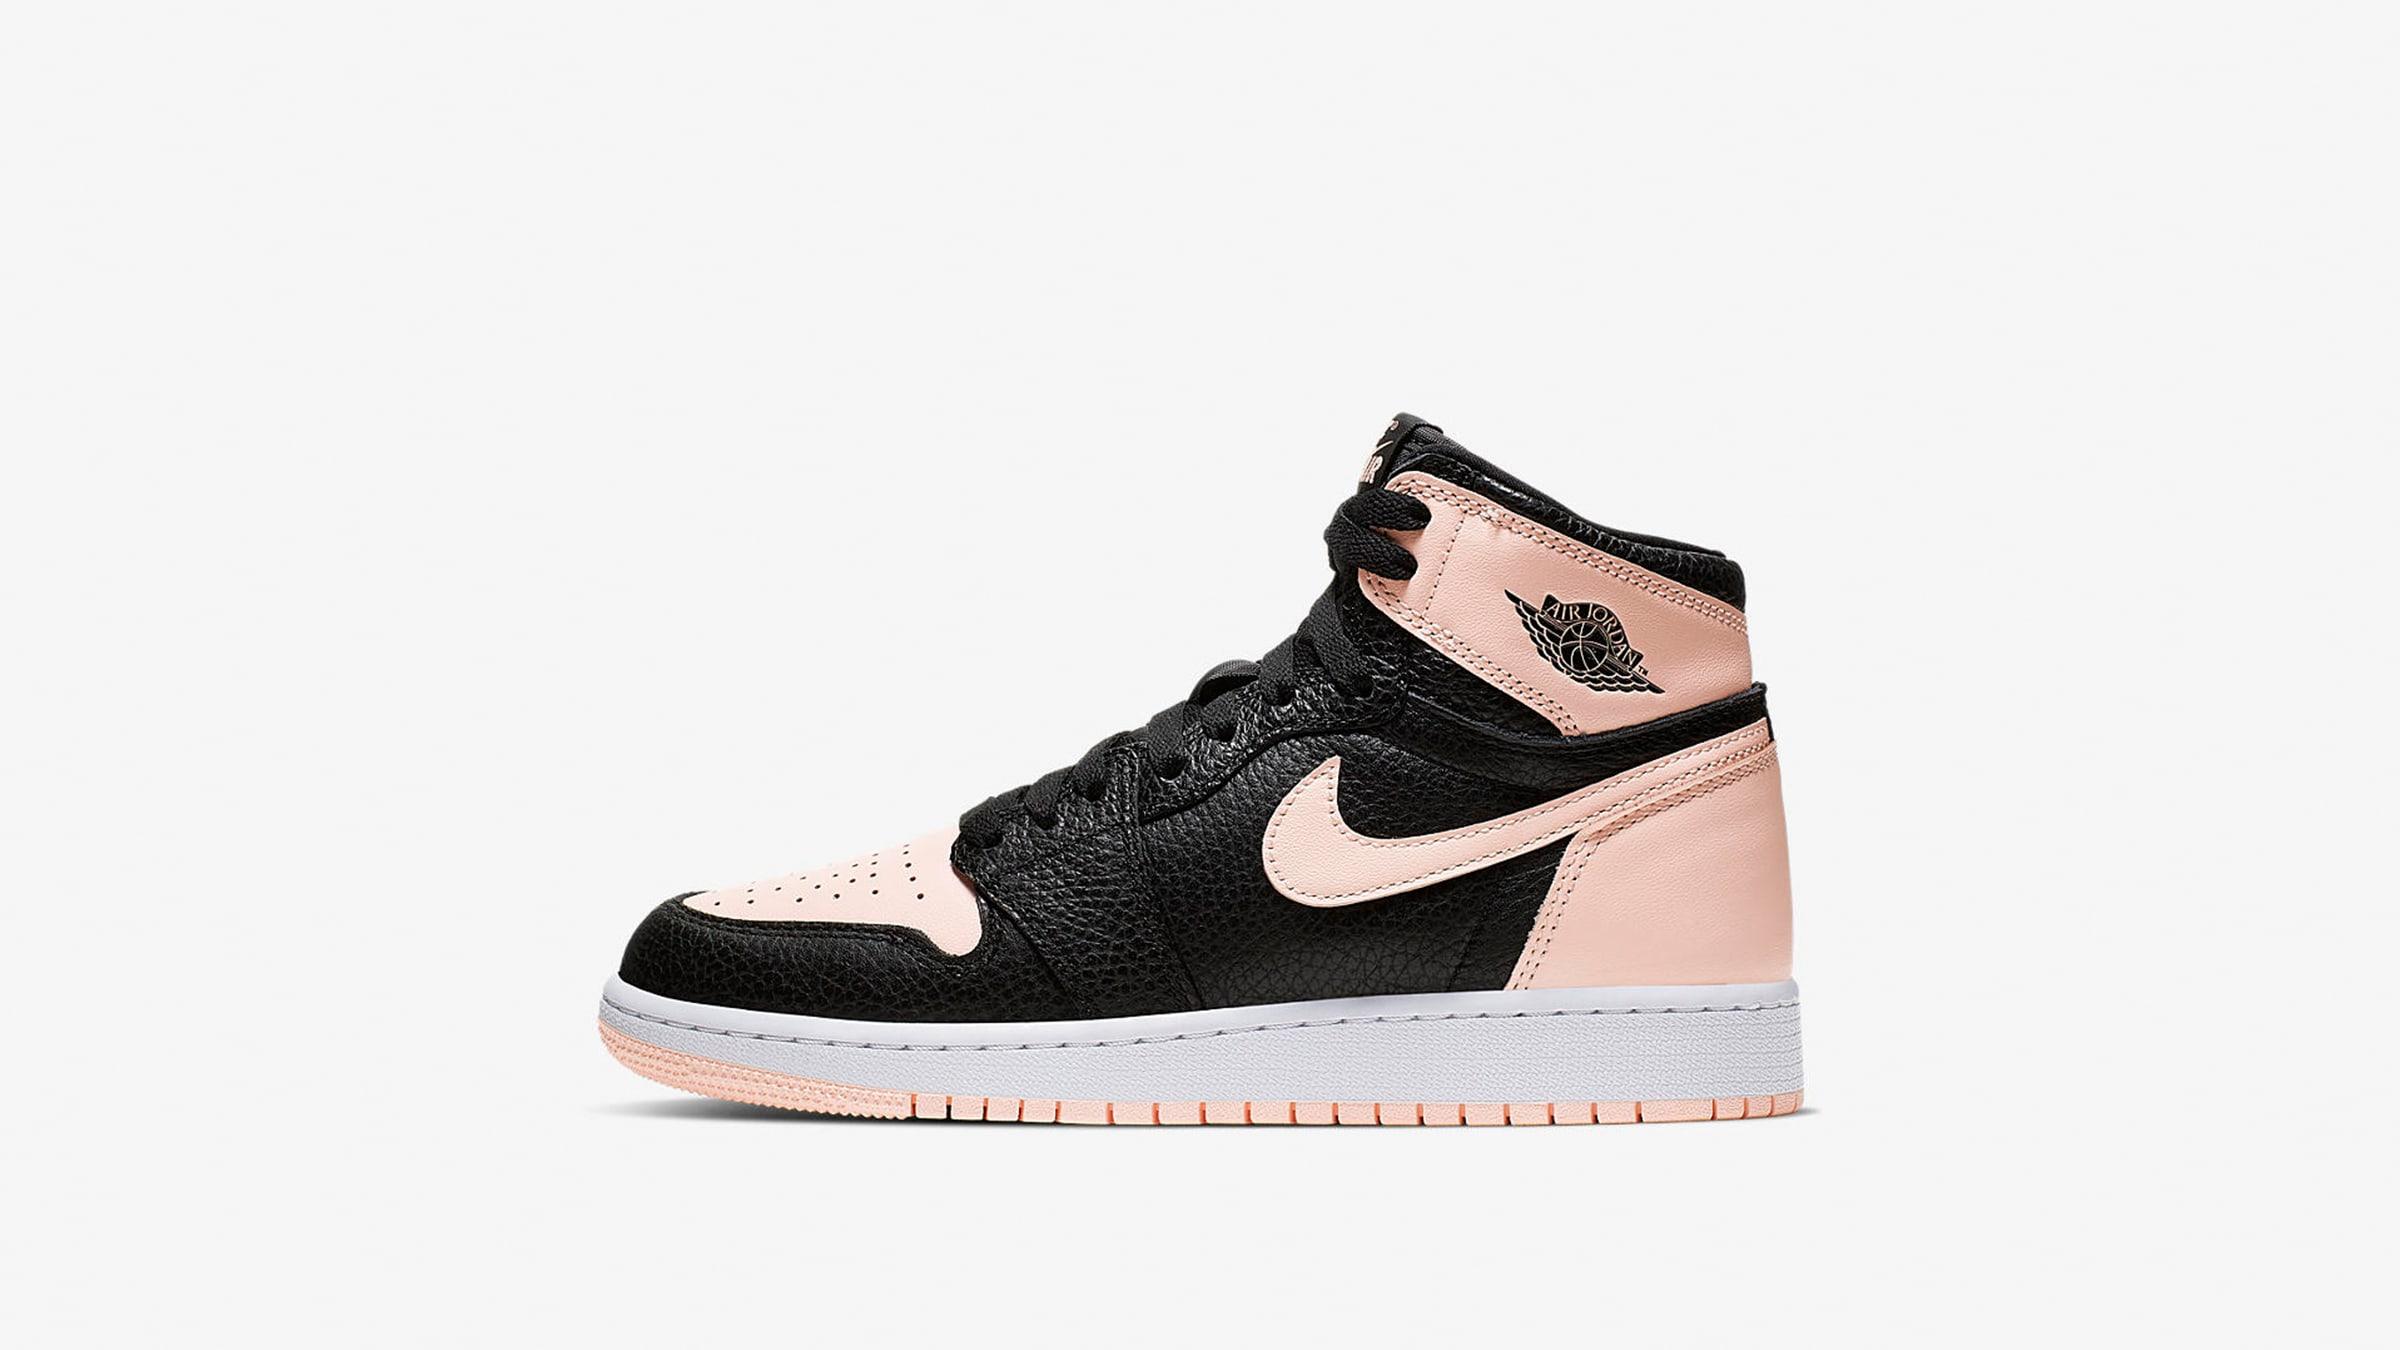 Nike Air Jordan Retro High OG GS 'Crimson Tint' - 575441-081